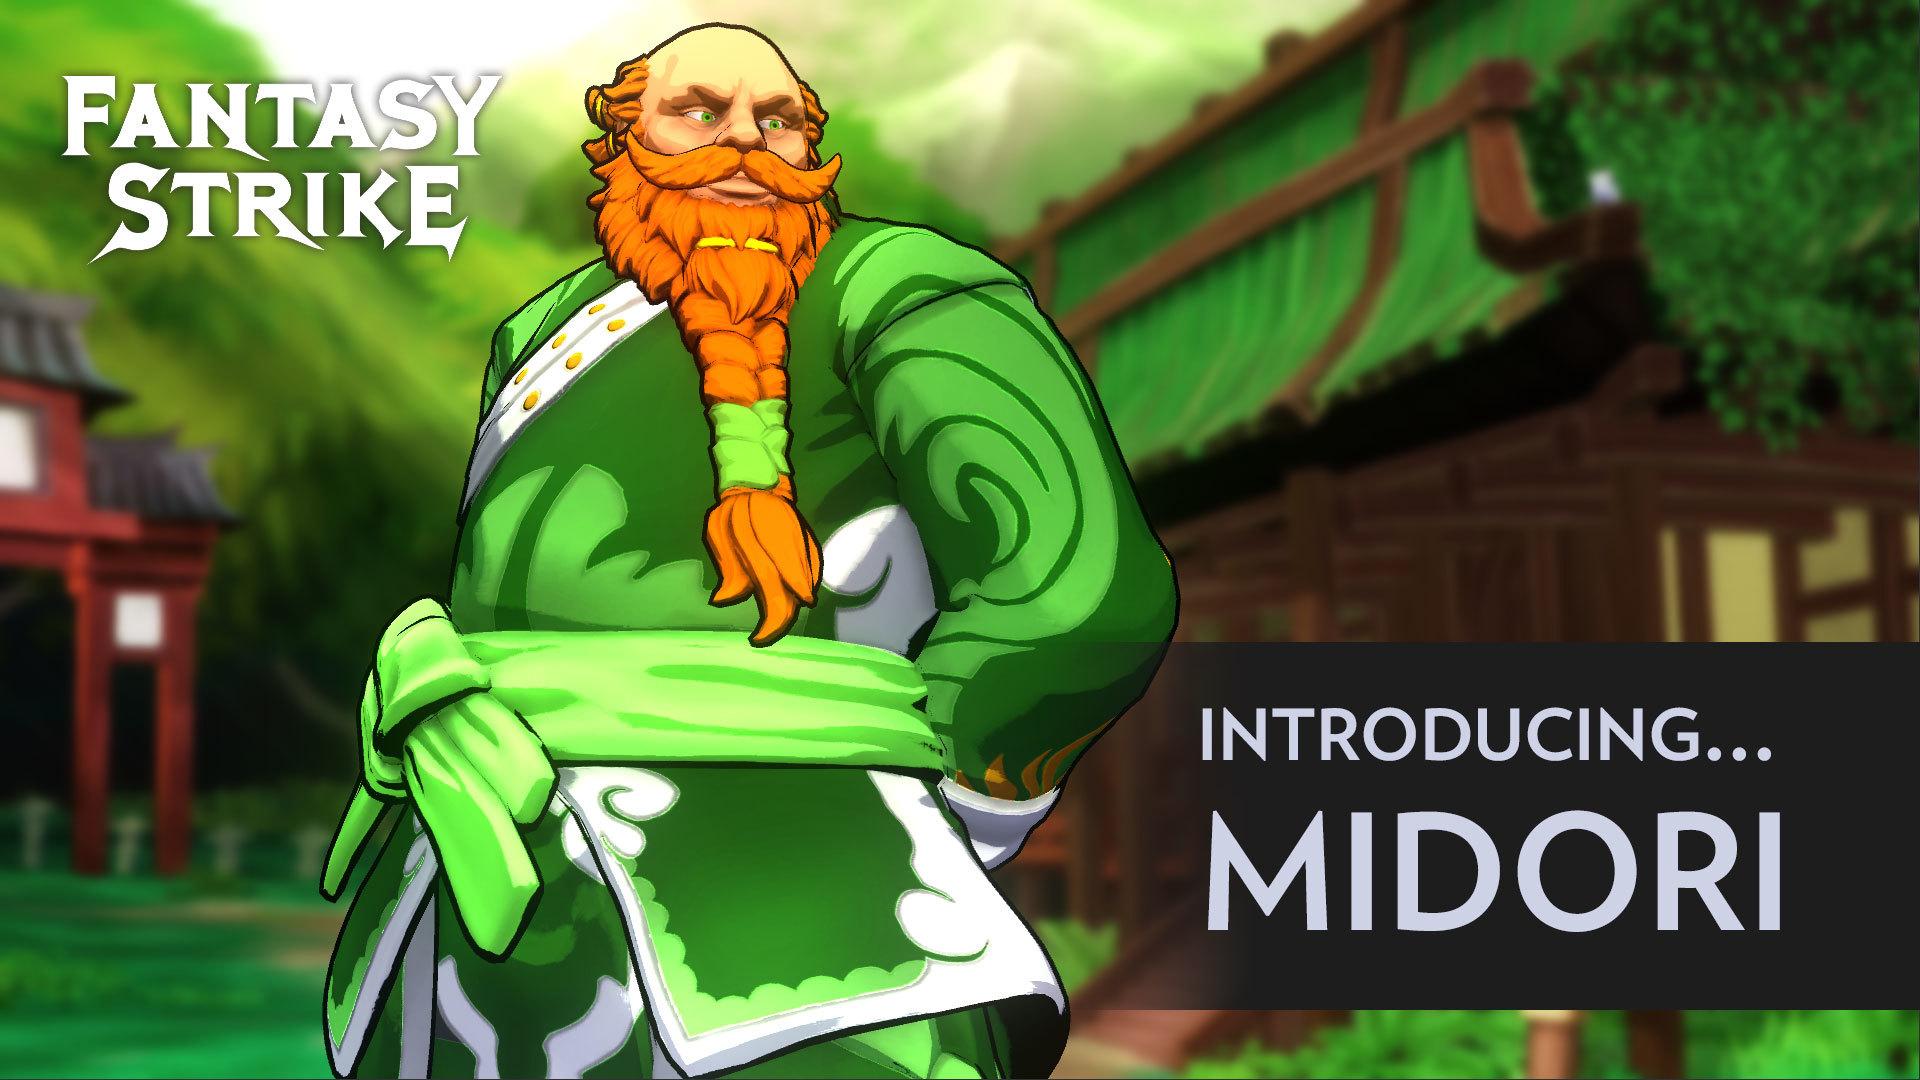 官方公布《奇幻冲击》两位新角色 武功高强实力雄厚